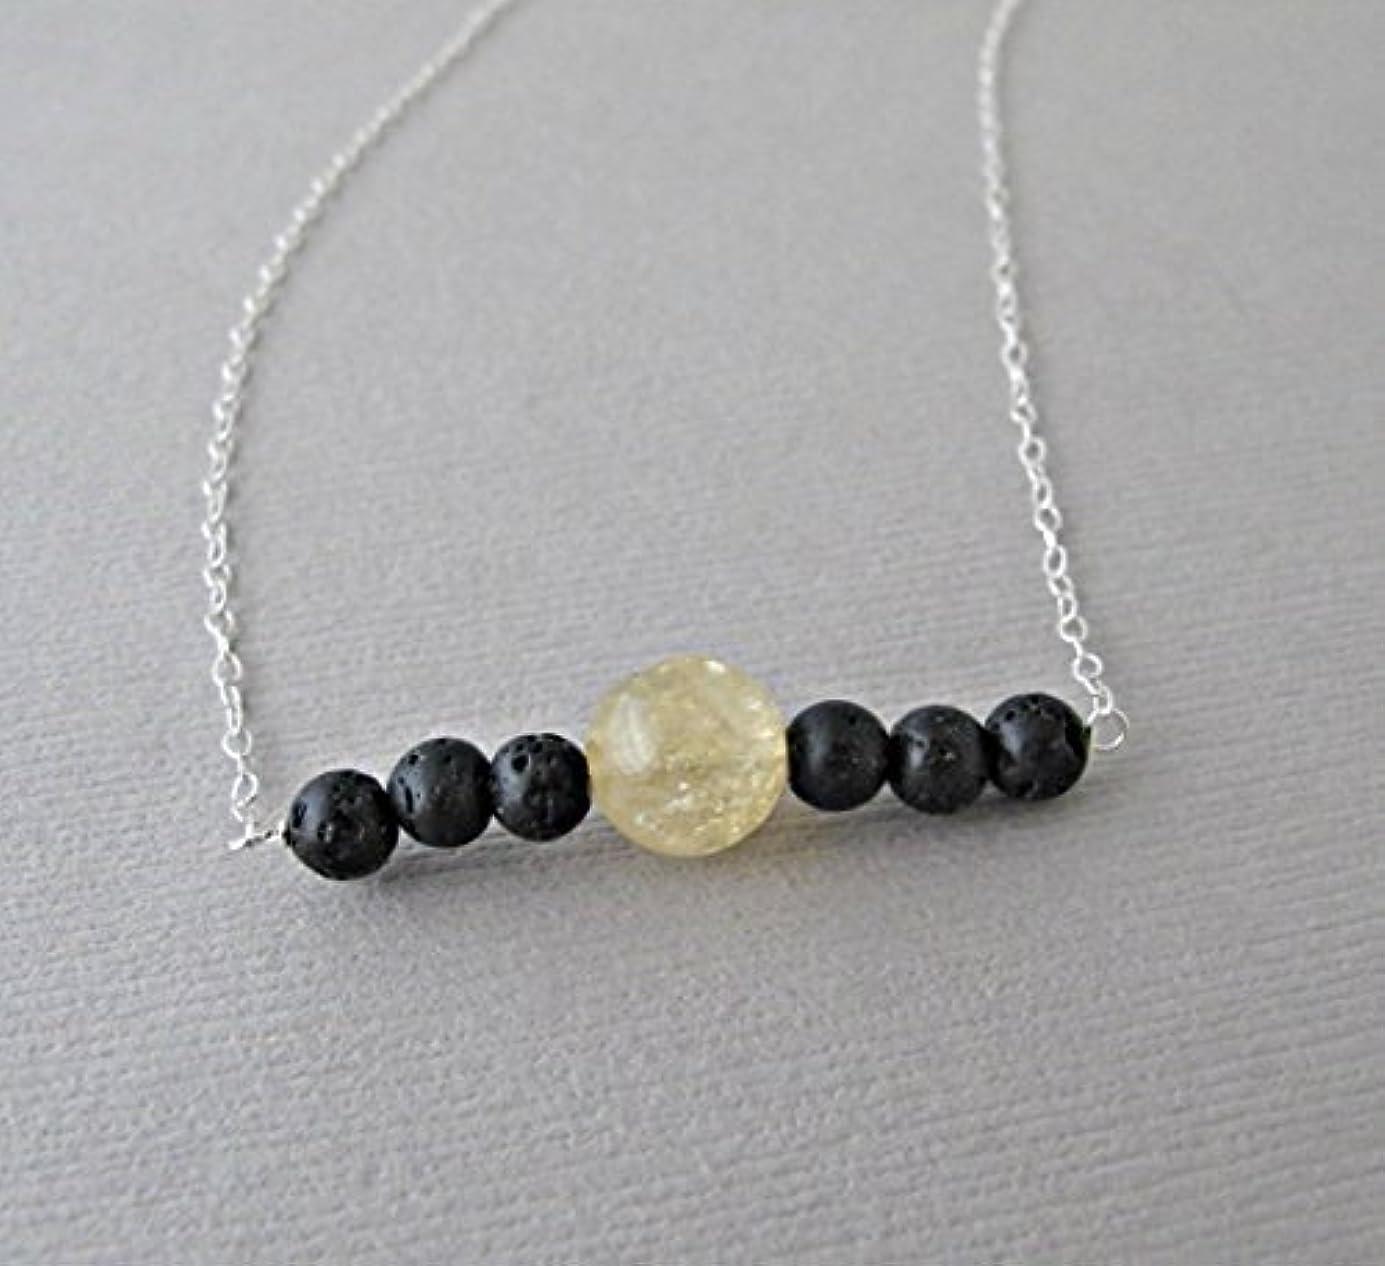 内側悲しみ災難Citrine Lava Pendant Essential Oil Necklace Diffuser Aromatherapy - Simple Minimalist Lava Bead Diffuser Necklace...